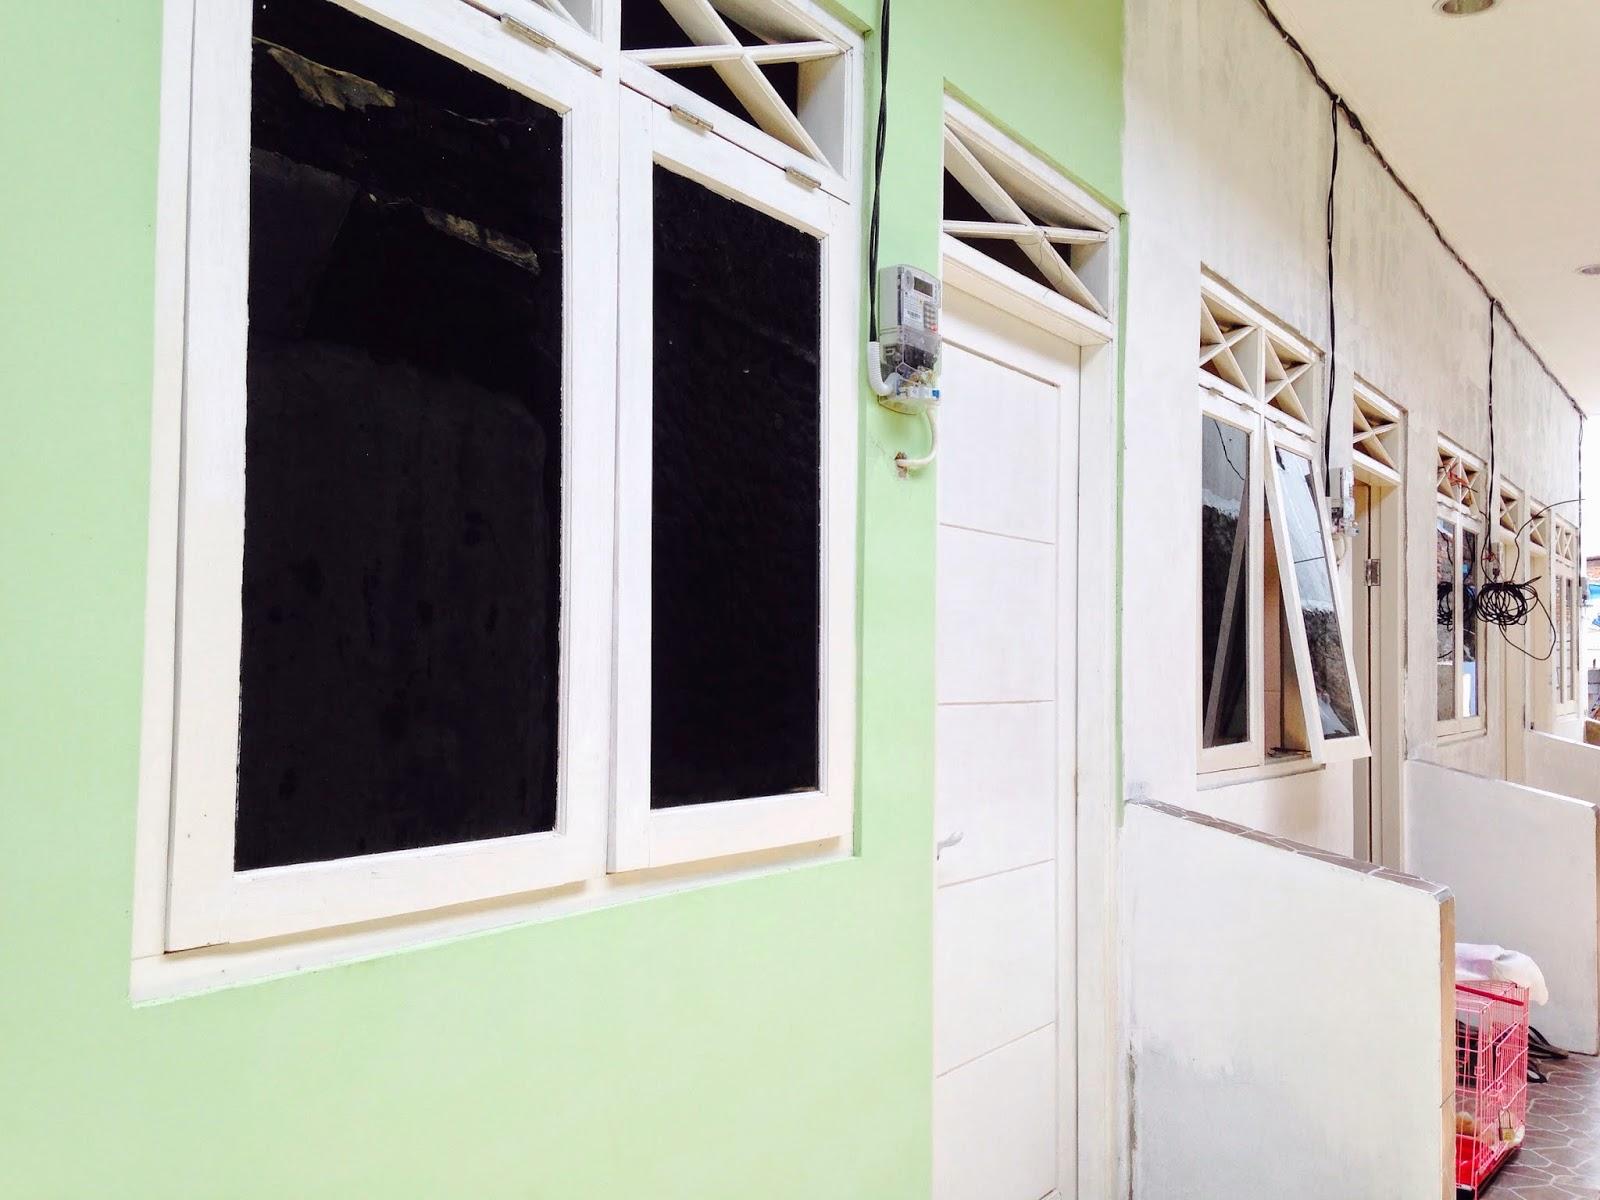 Sewa Rumah Petakan Dekat Kokas Jakarta Selatan  Info Kost